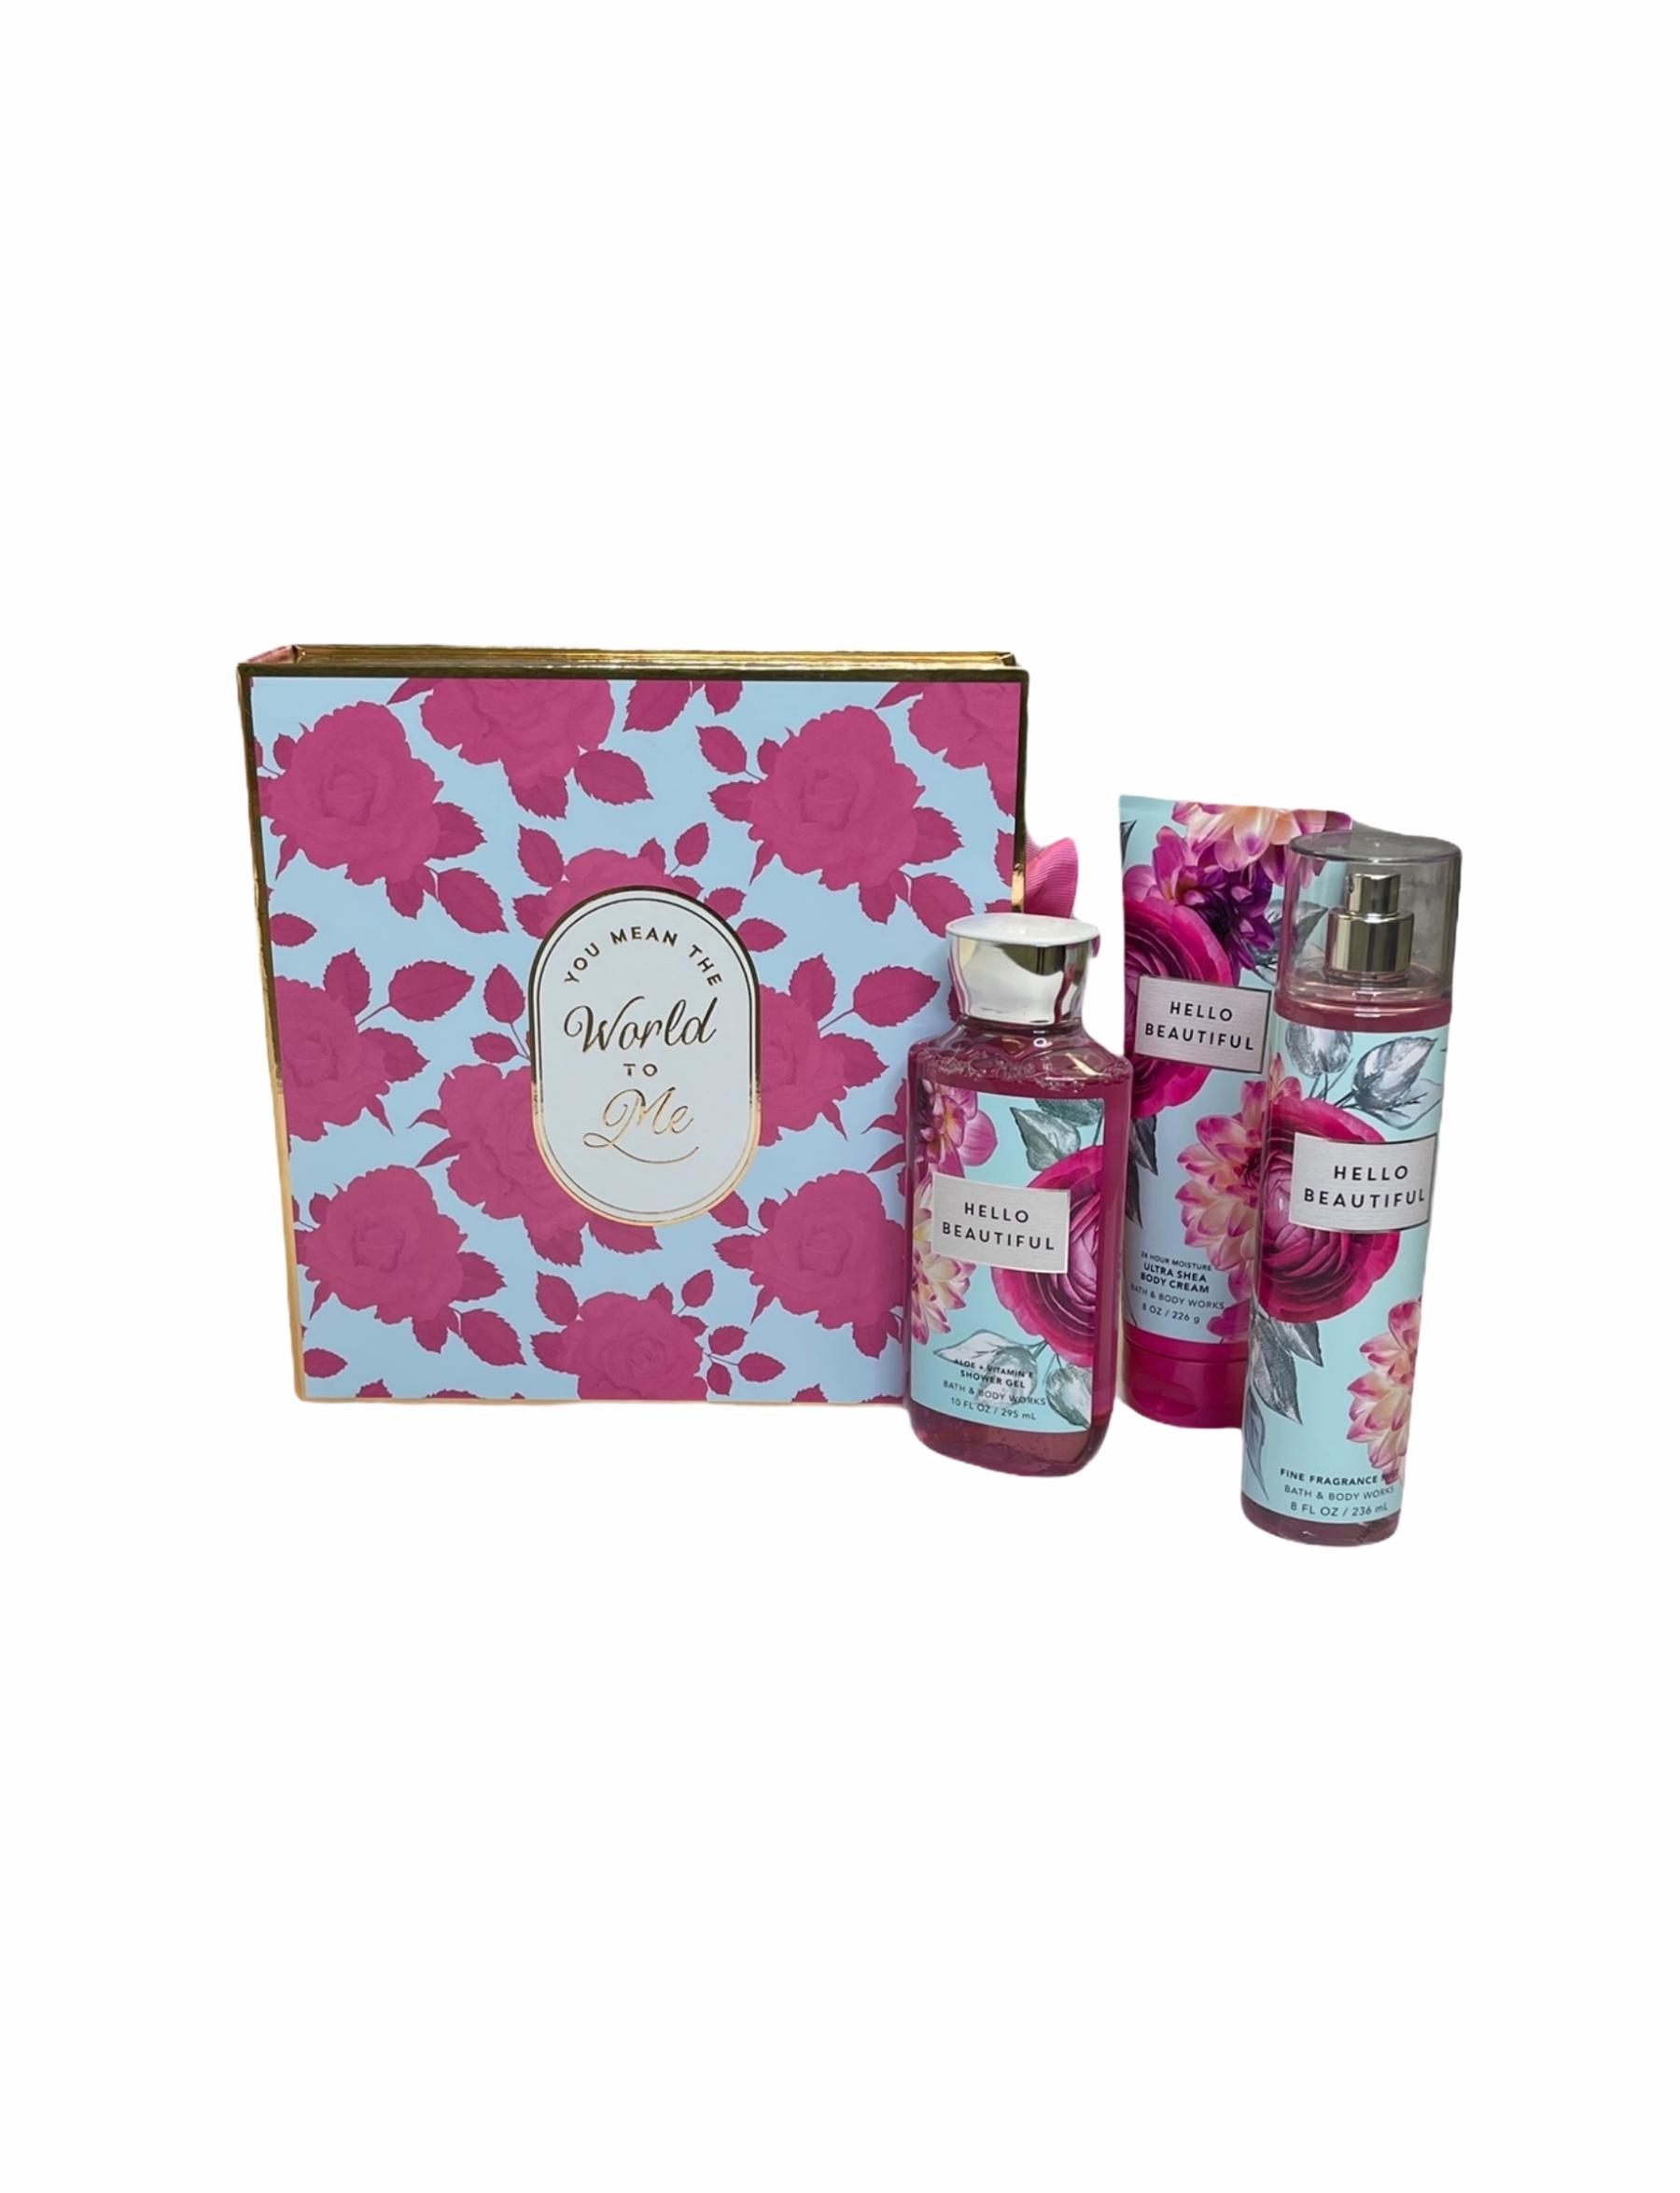 Hello Beautiful Gift Box Set